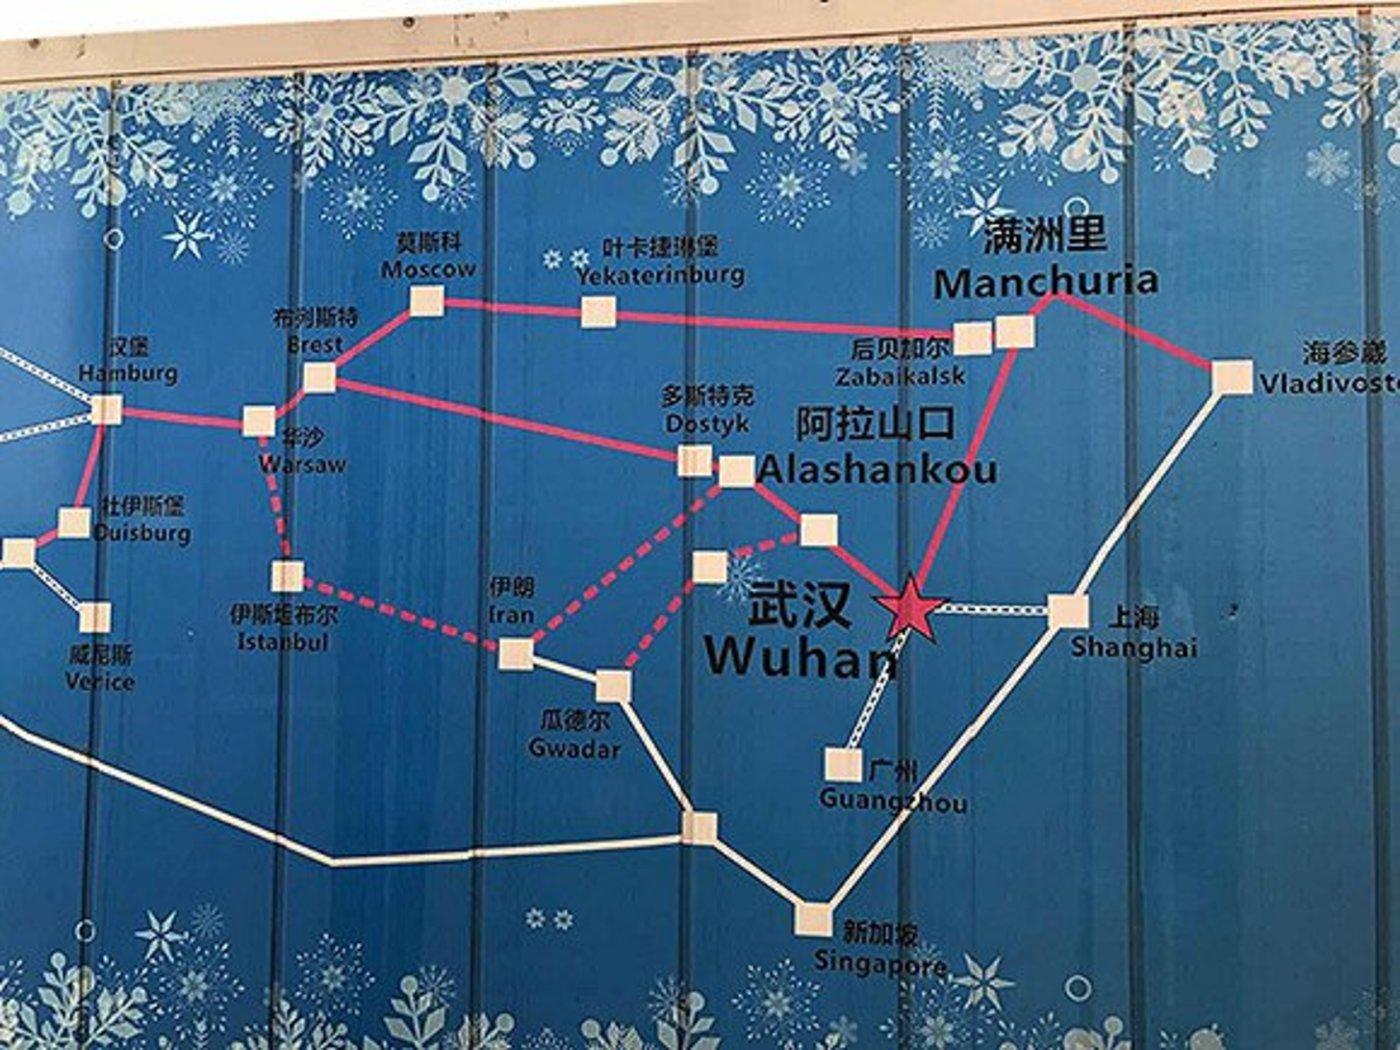 小龙虾行车路线图